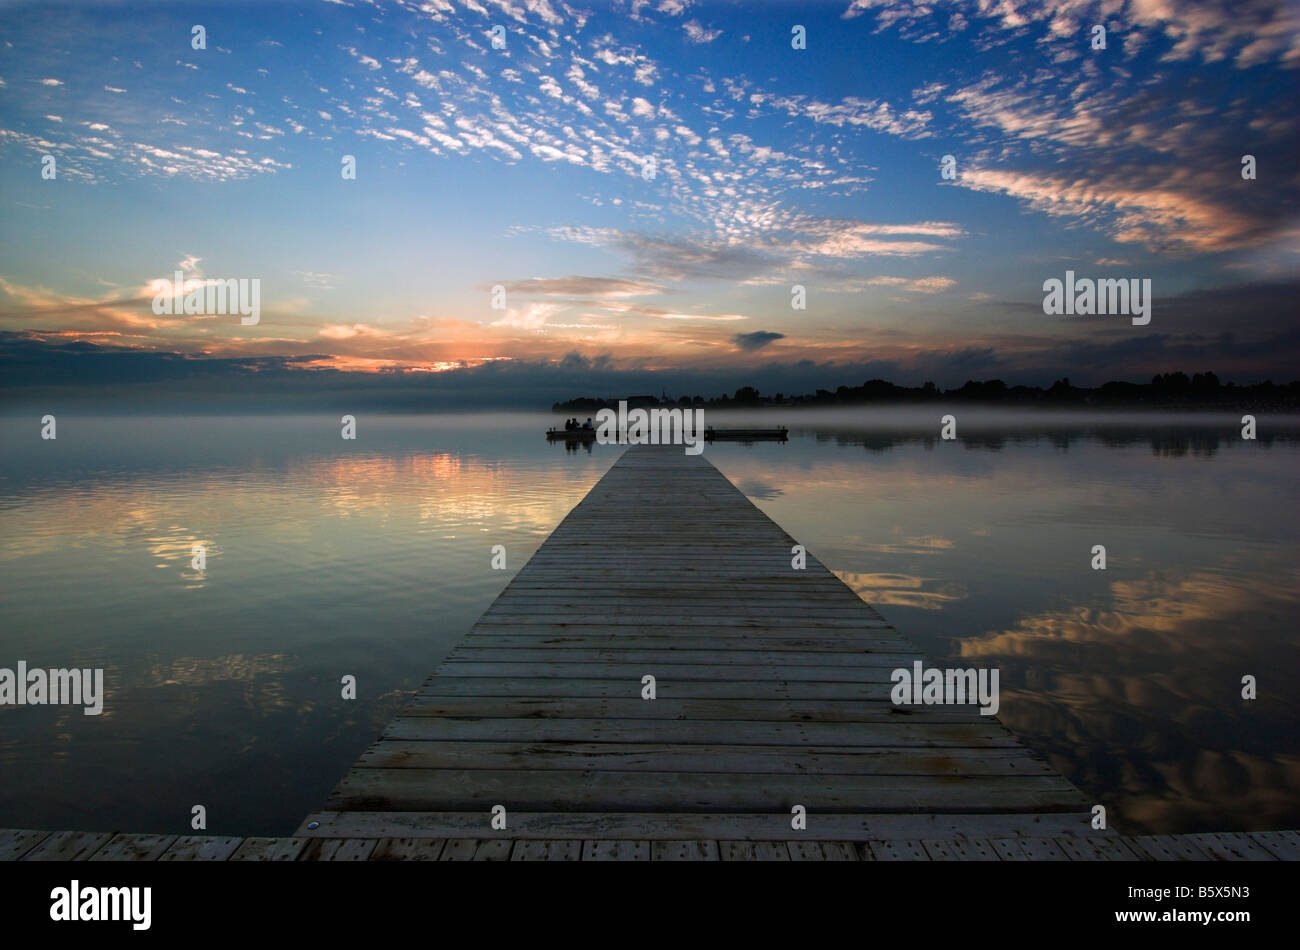 a-pier-at-sunset-B5X5N3.jpg